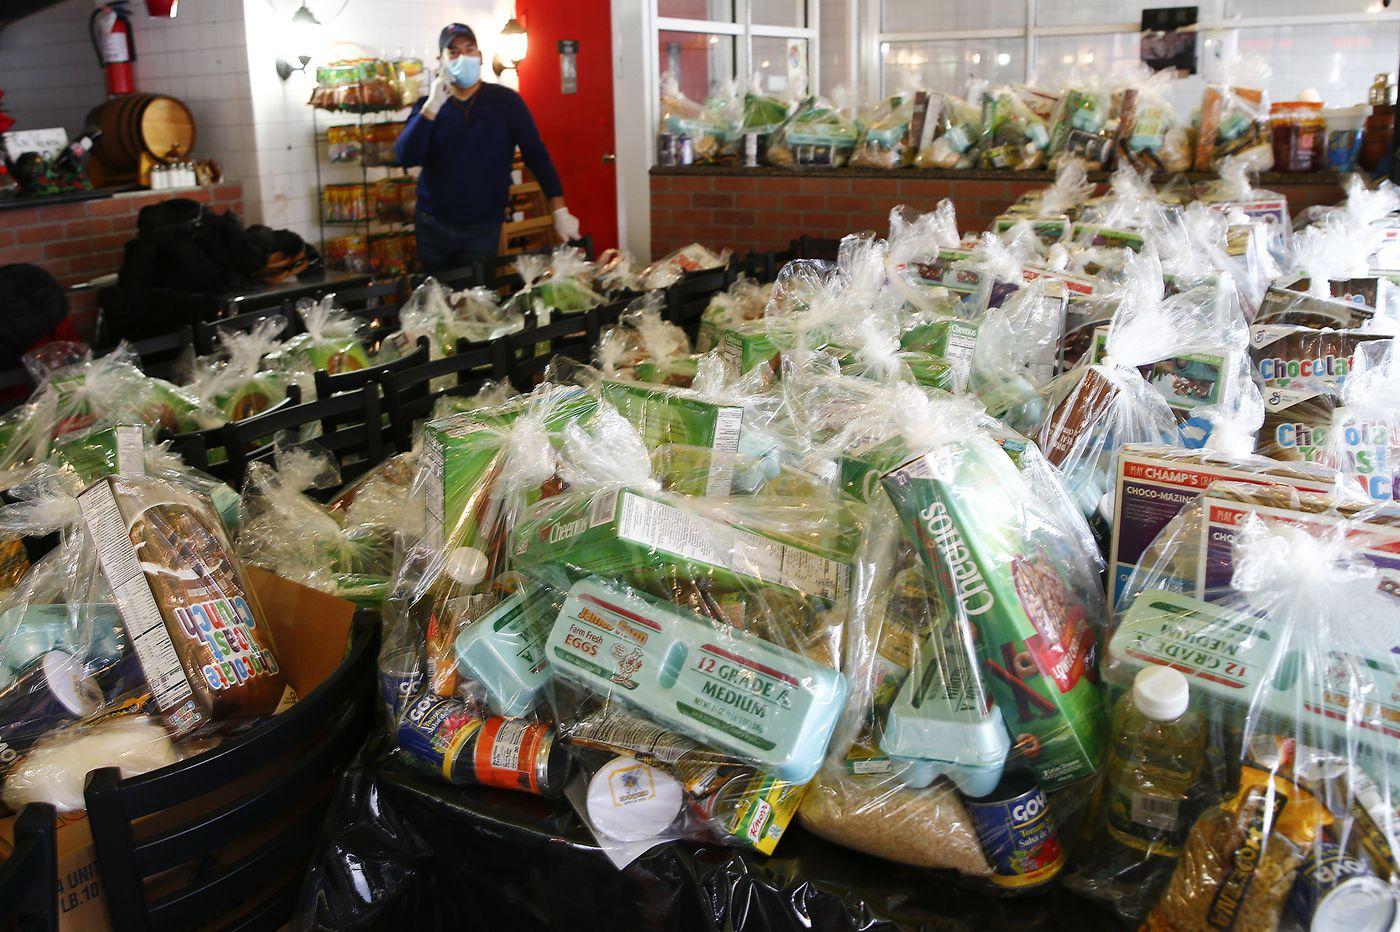 Restauranteros de South Philly distribuyen alimentos para satisfacer las necesidades culinarias de familias latinas